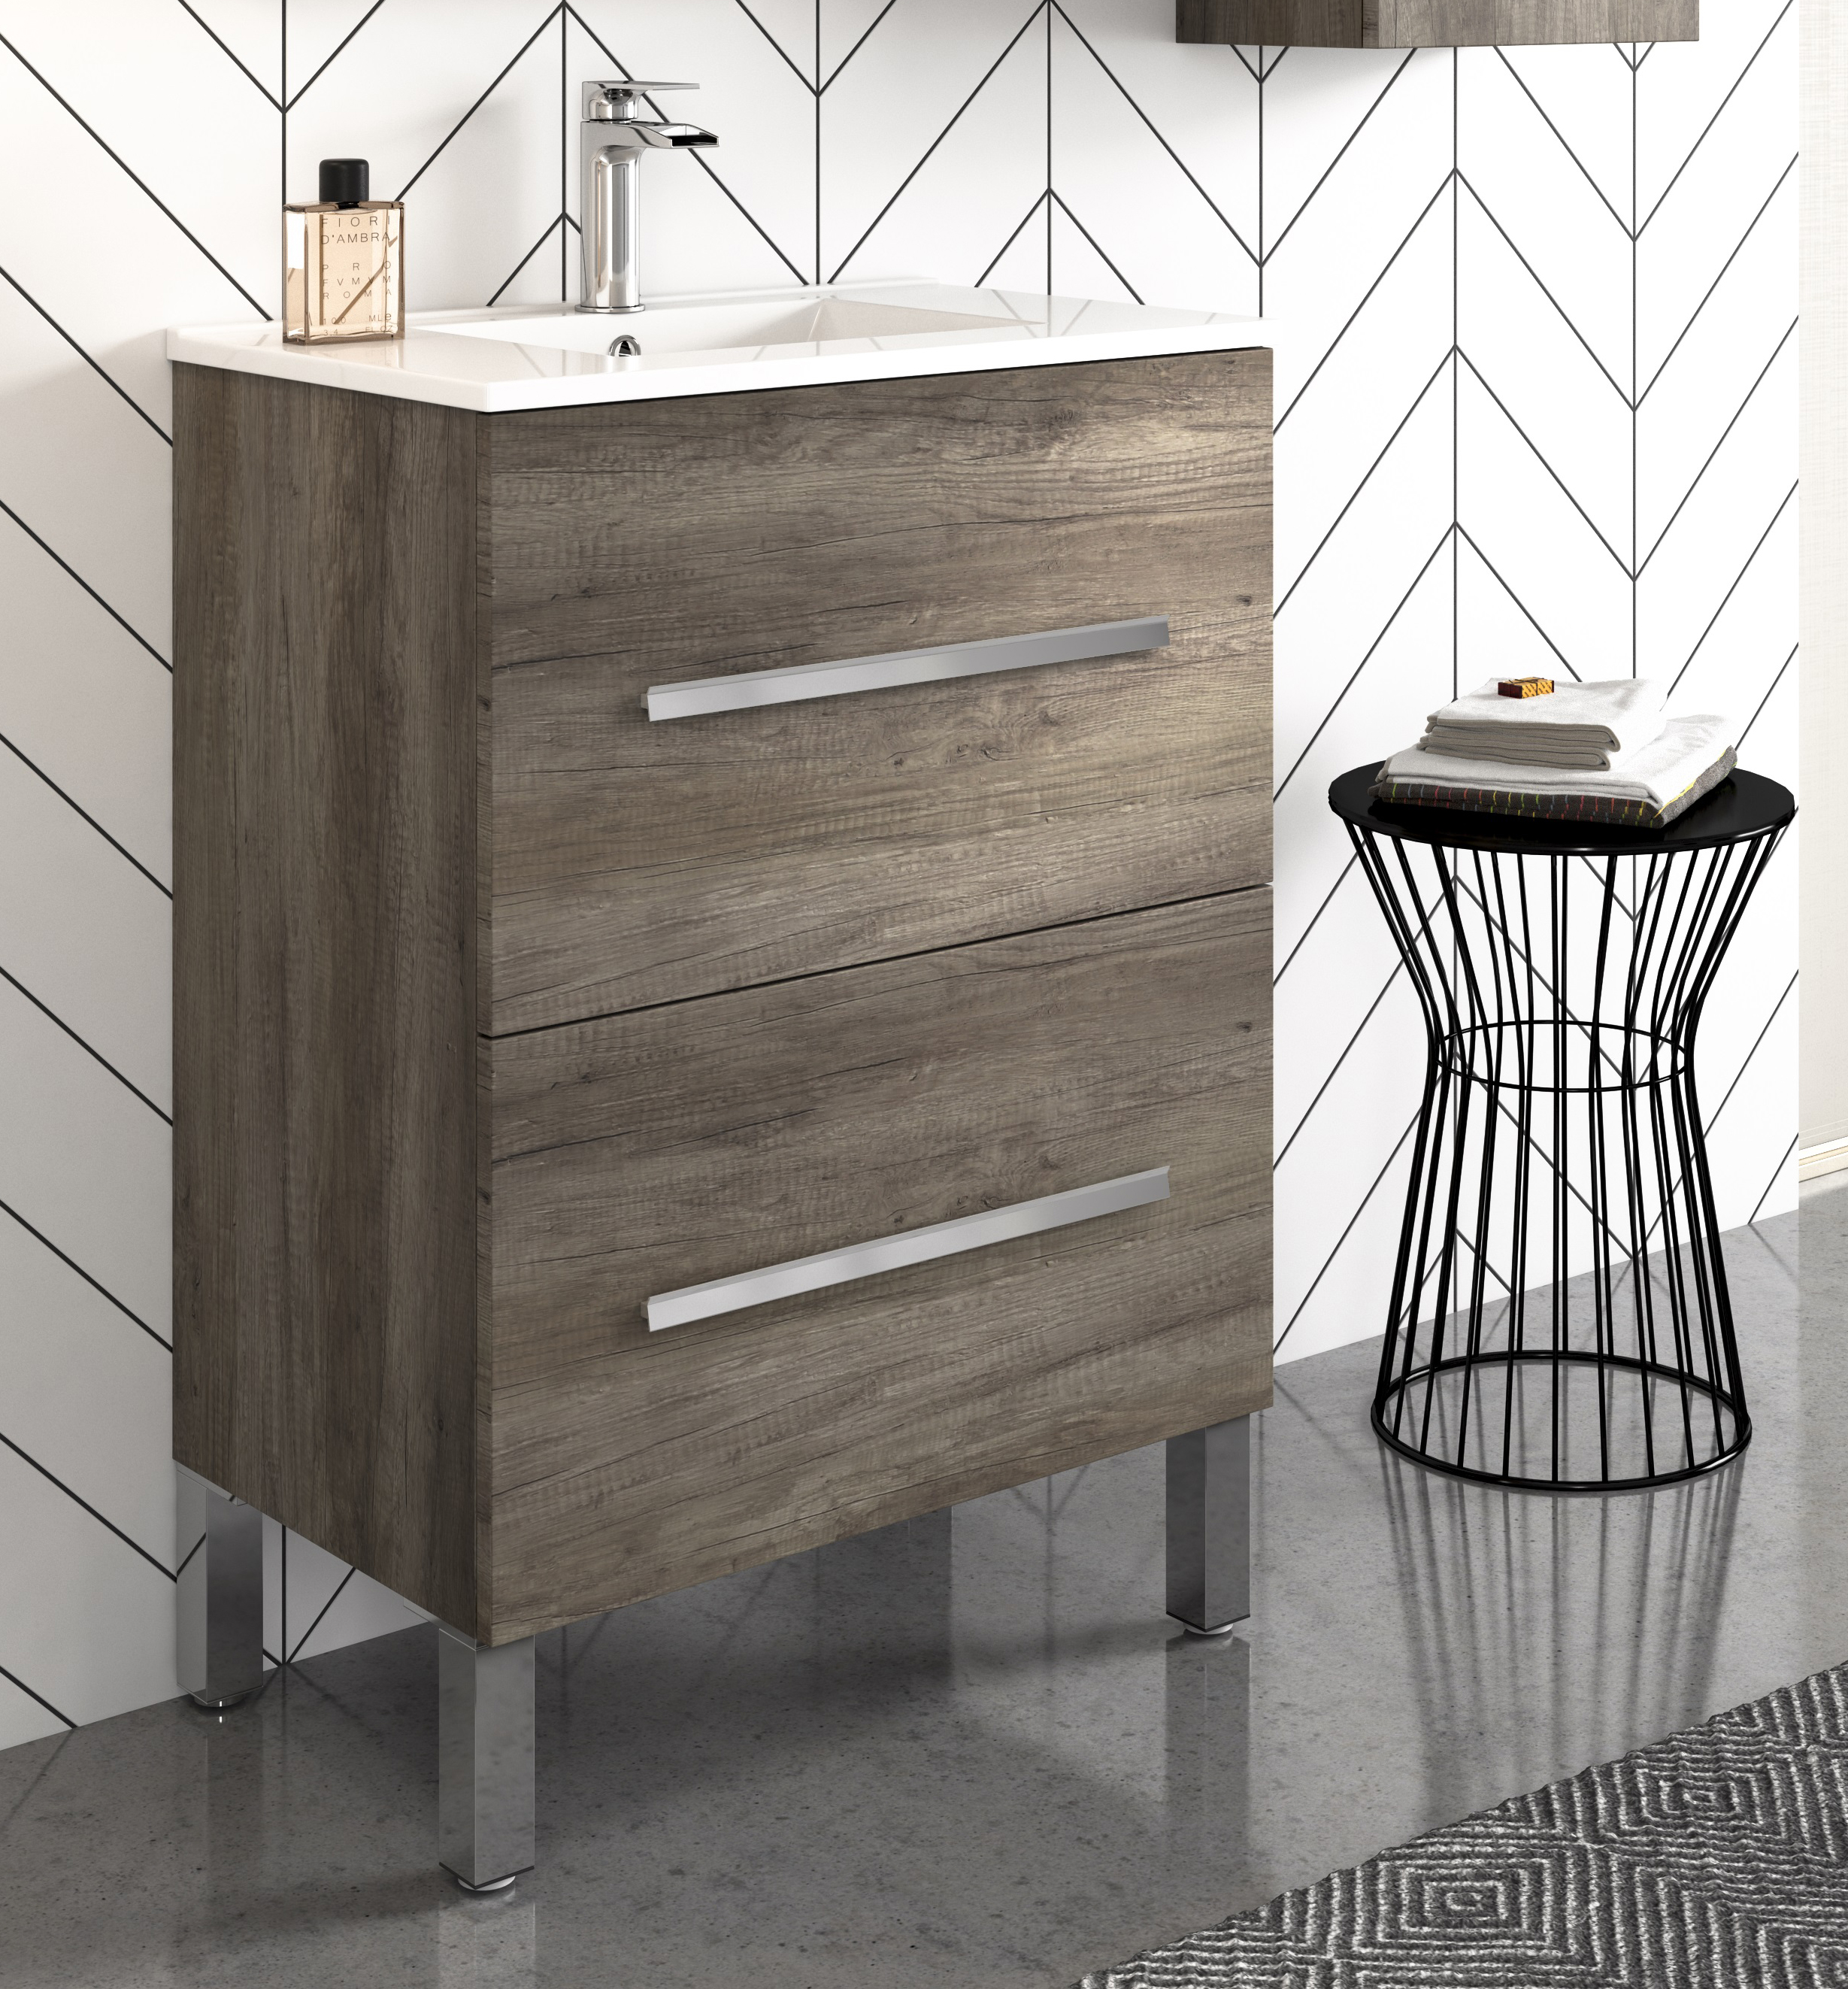 Thielsch Badmöbel Element 60 R inkl. Waschtisch Weiß Glanzlackiert